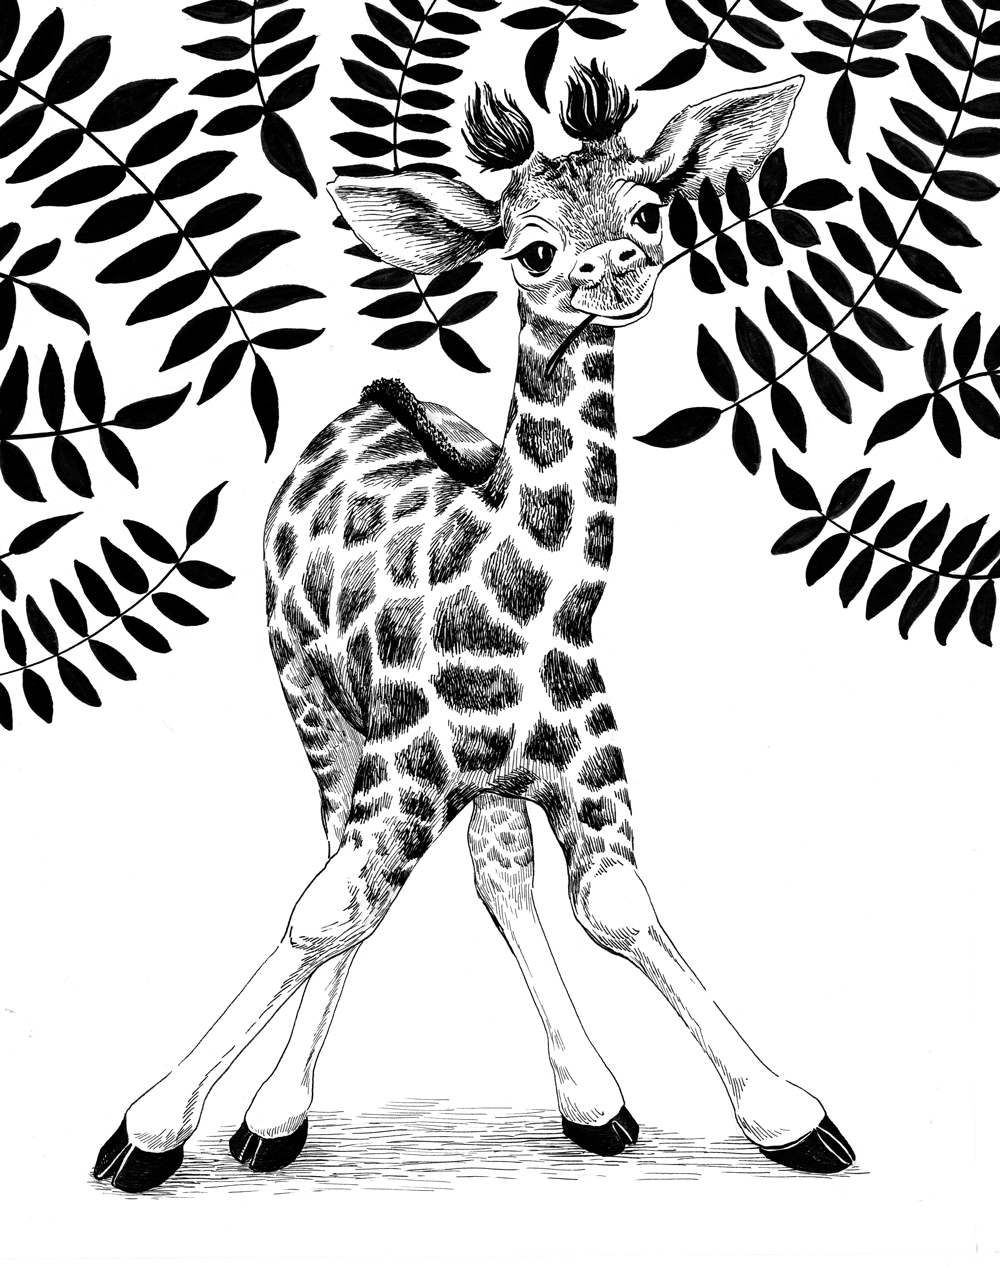 Previte_Baby Giraffe.jpg